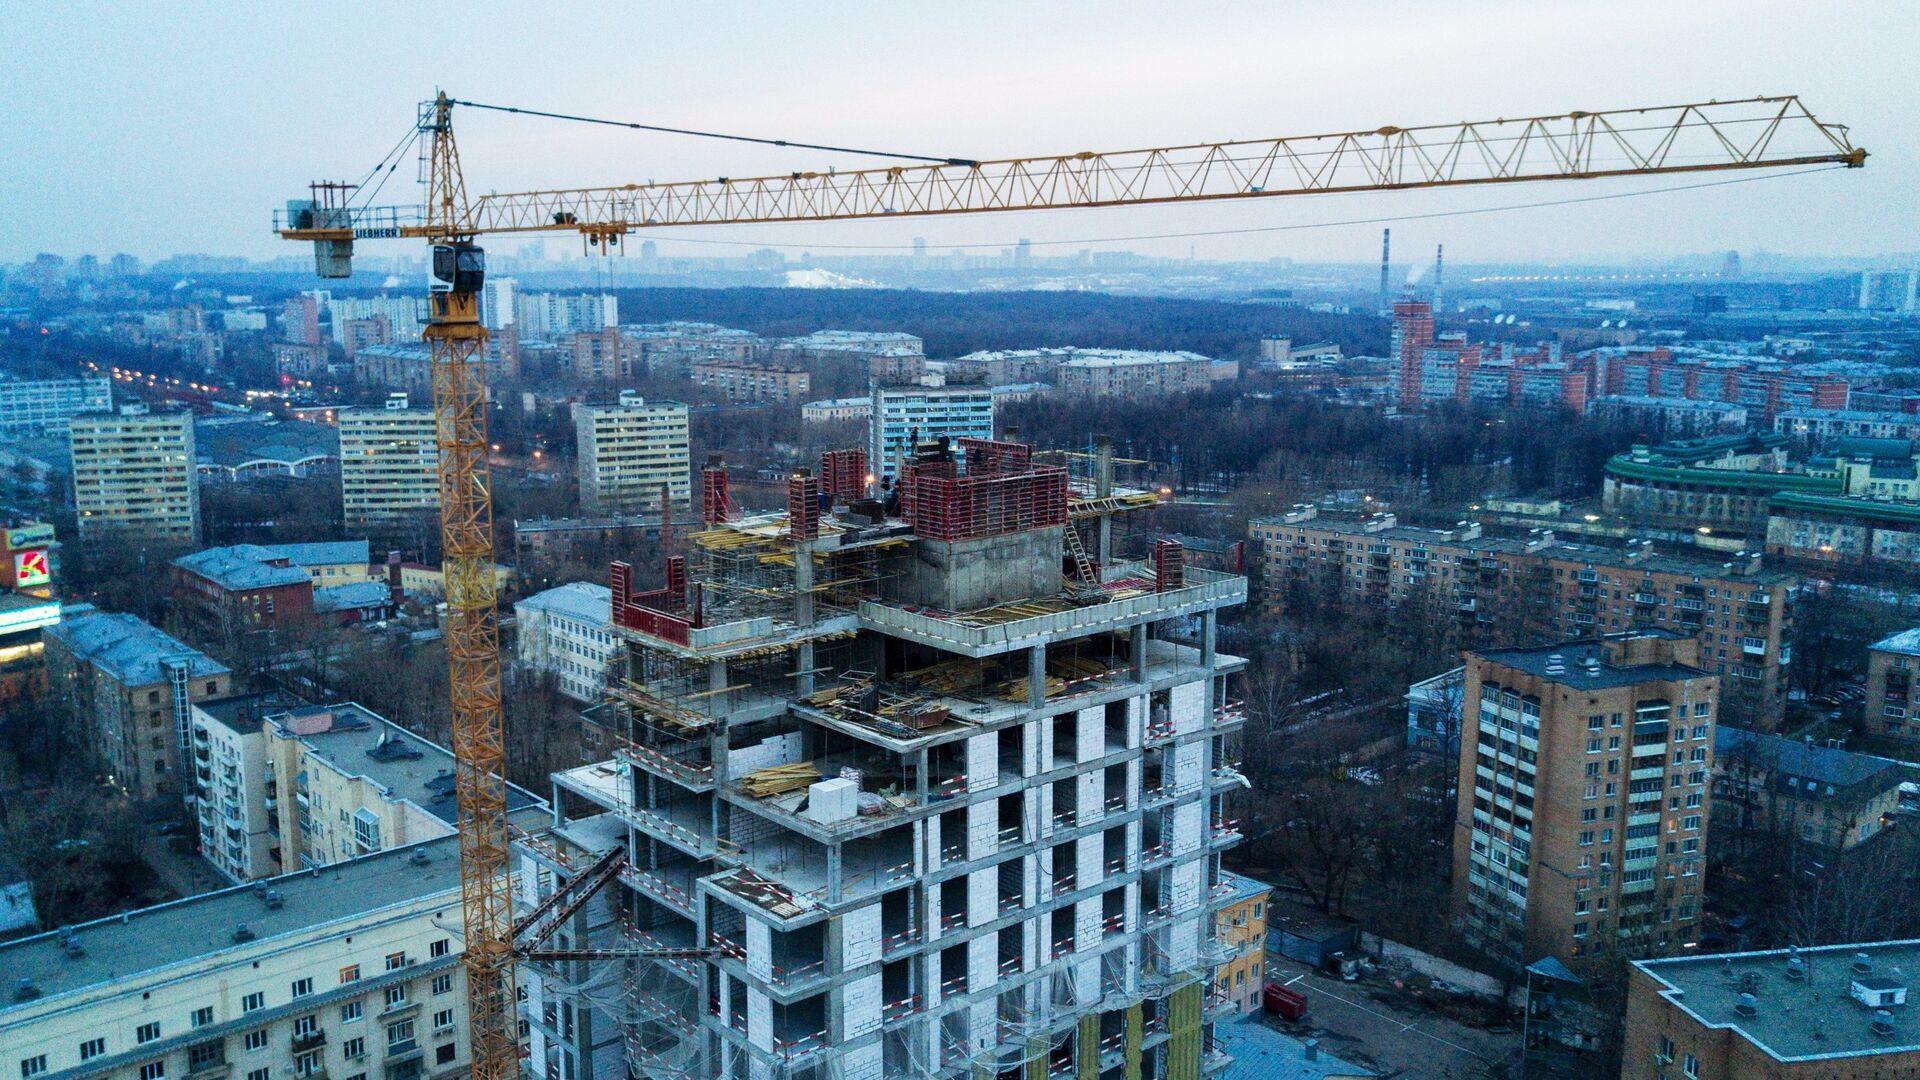 Строительство жилья в Москве - РИА Новости, 1920, 05.02.2021